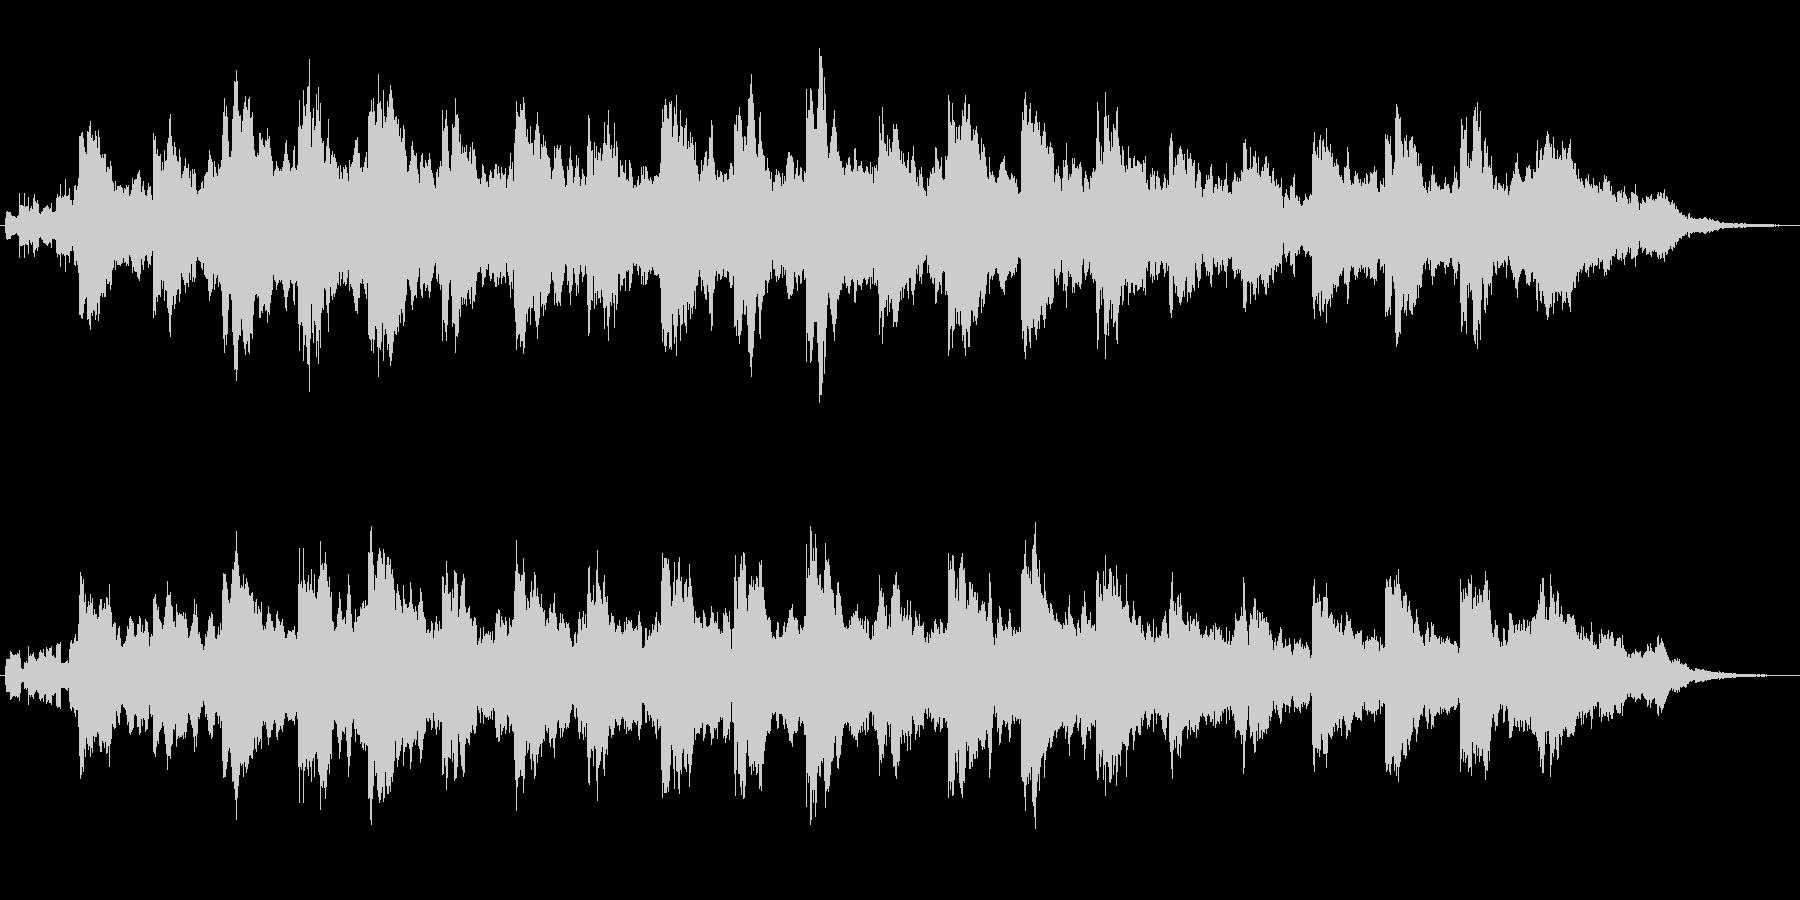 アナログシンセによる幻想的なジングルの未再生の波形